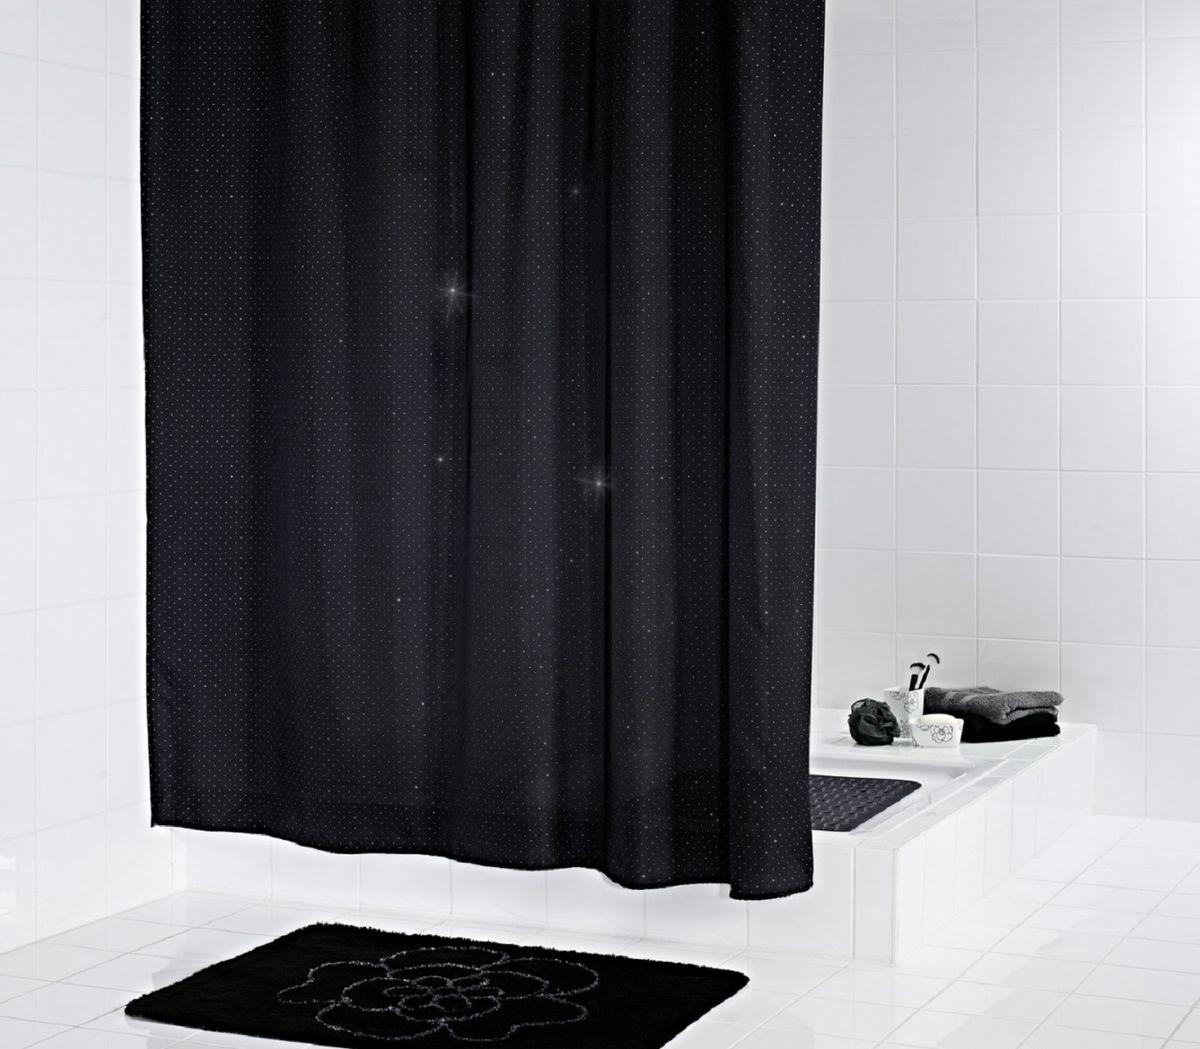 Штора для ванной комнаты Ridder Diamond, 180 х 200 см531-105Высококачественная немецкая шторка Ridder Diamond создаст прекрасное настроение в ванной комнате. Данное изделие имеет антигрибковое, водоотталкивающее и антистатическое покрытие и утяжеленный нижний кант. Машинная стирка. Глажка при низкой температуре.